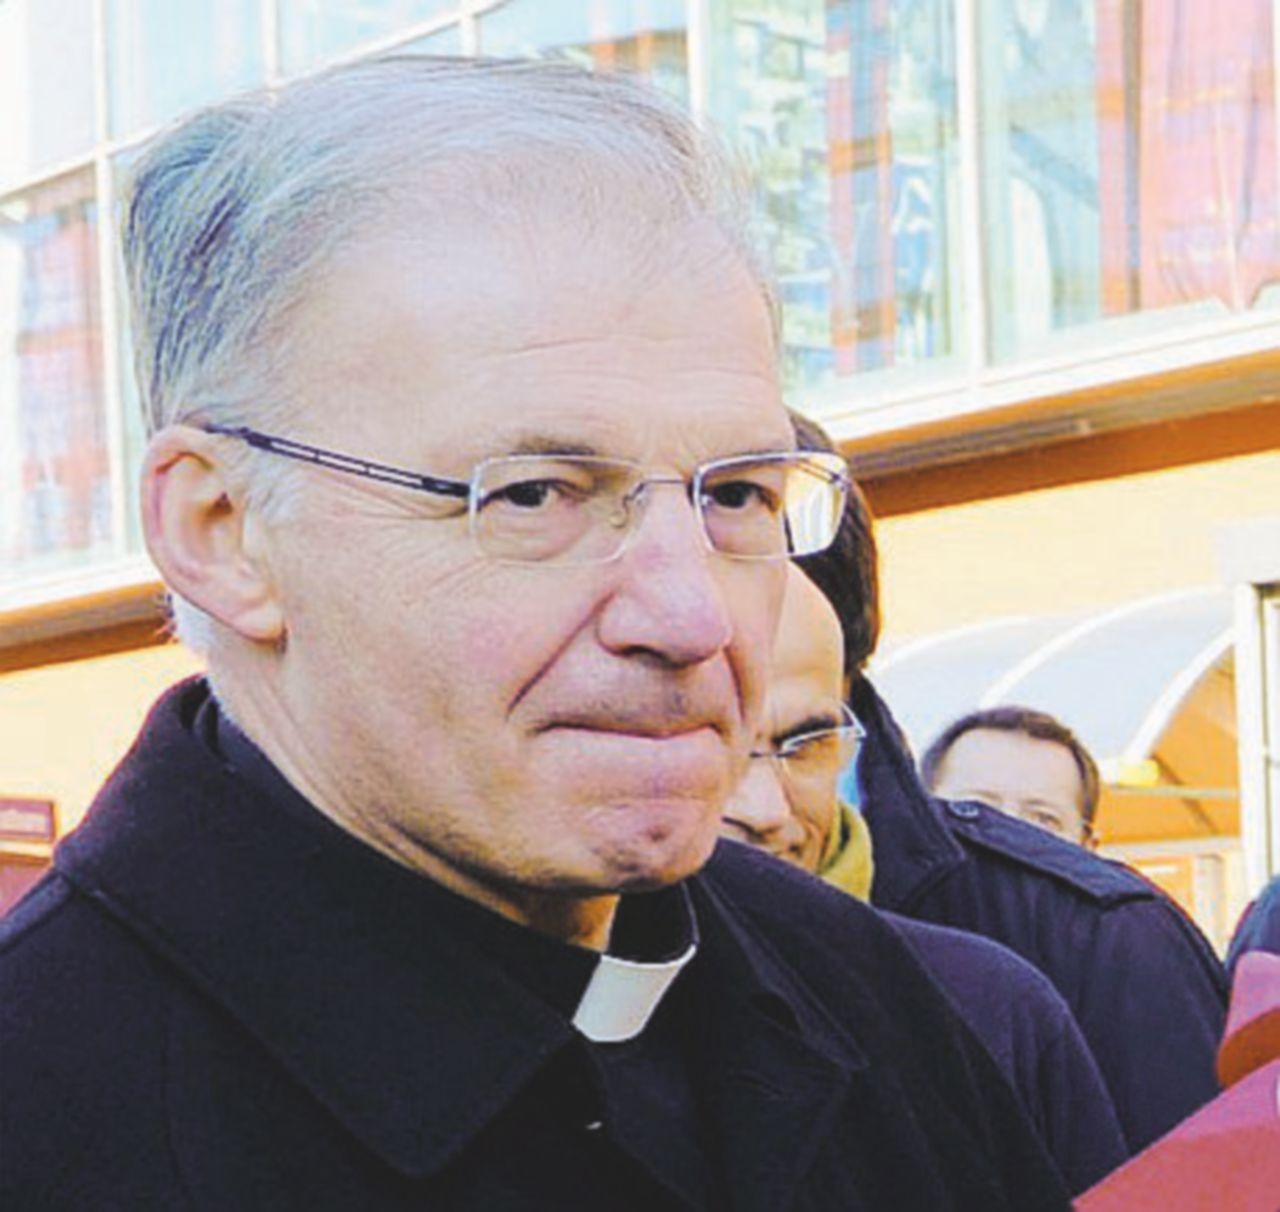 Il don di Cl condannato per pedofilia a 4 anni: non potrà più fare il prete